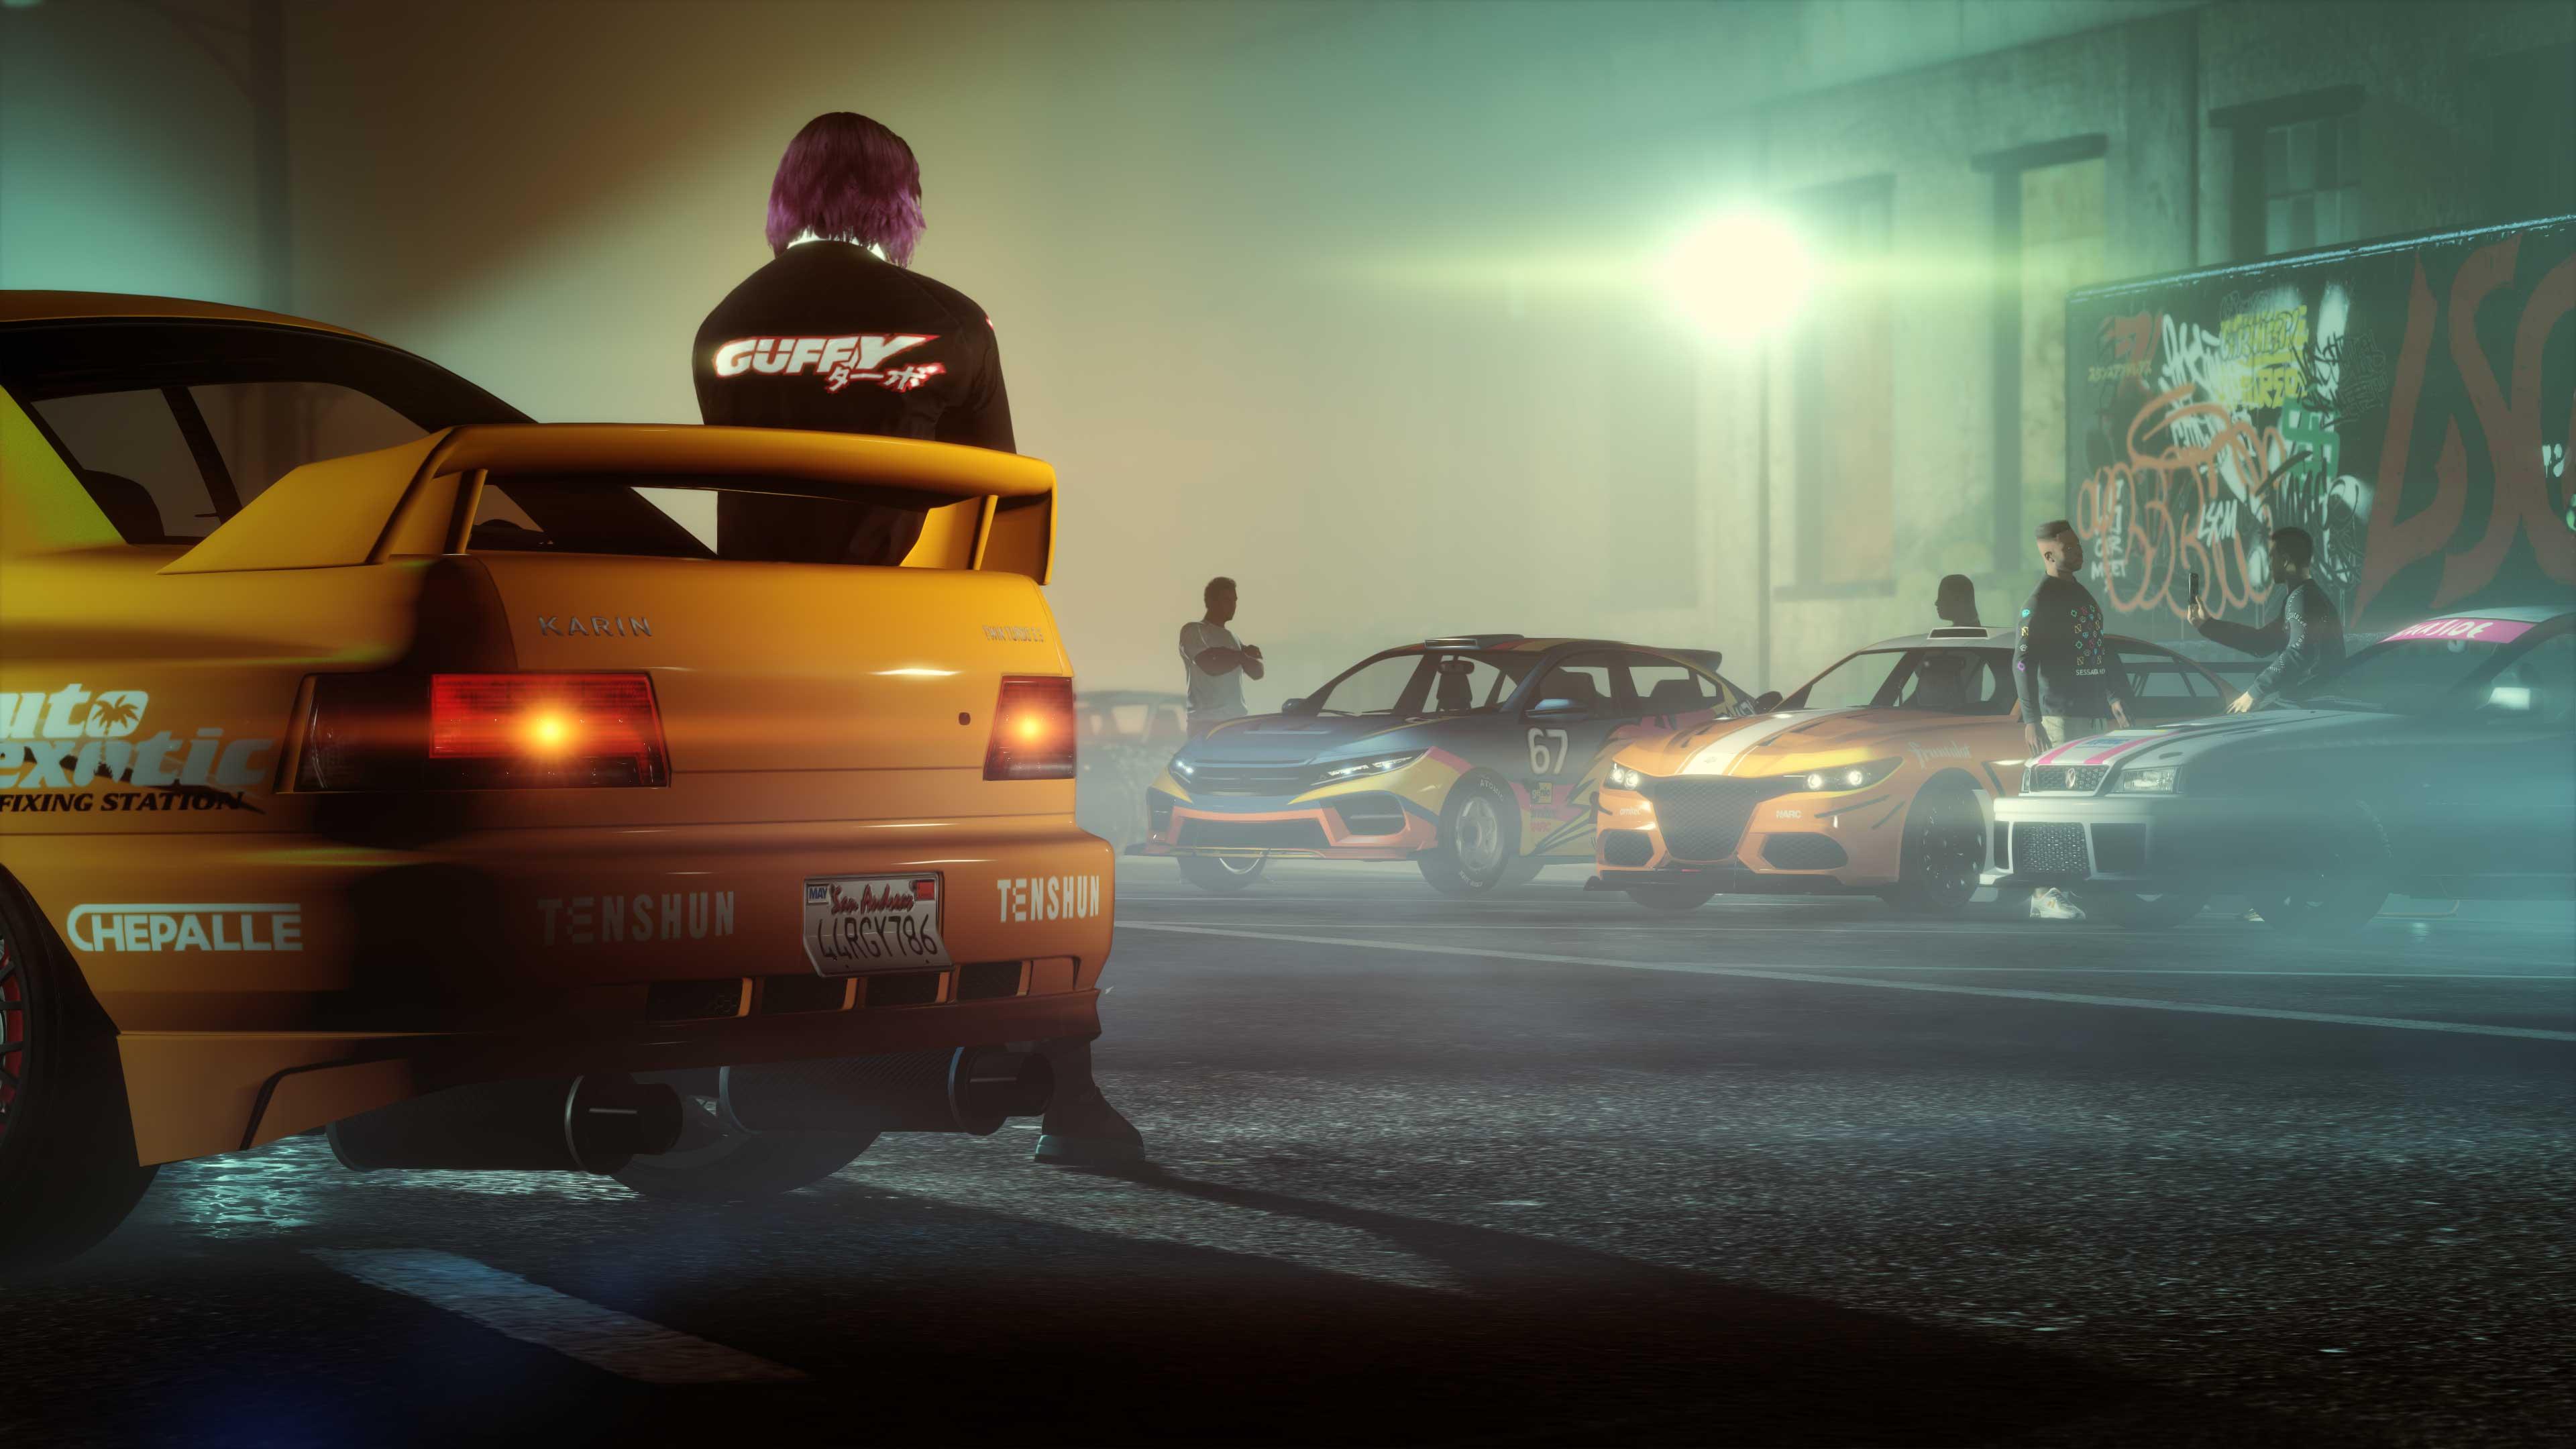 GTA Online Update: Car Meet